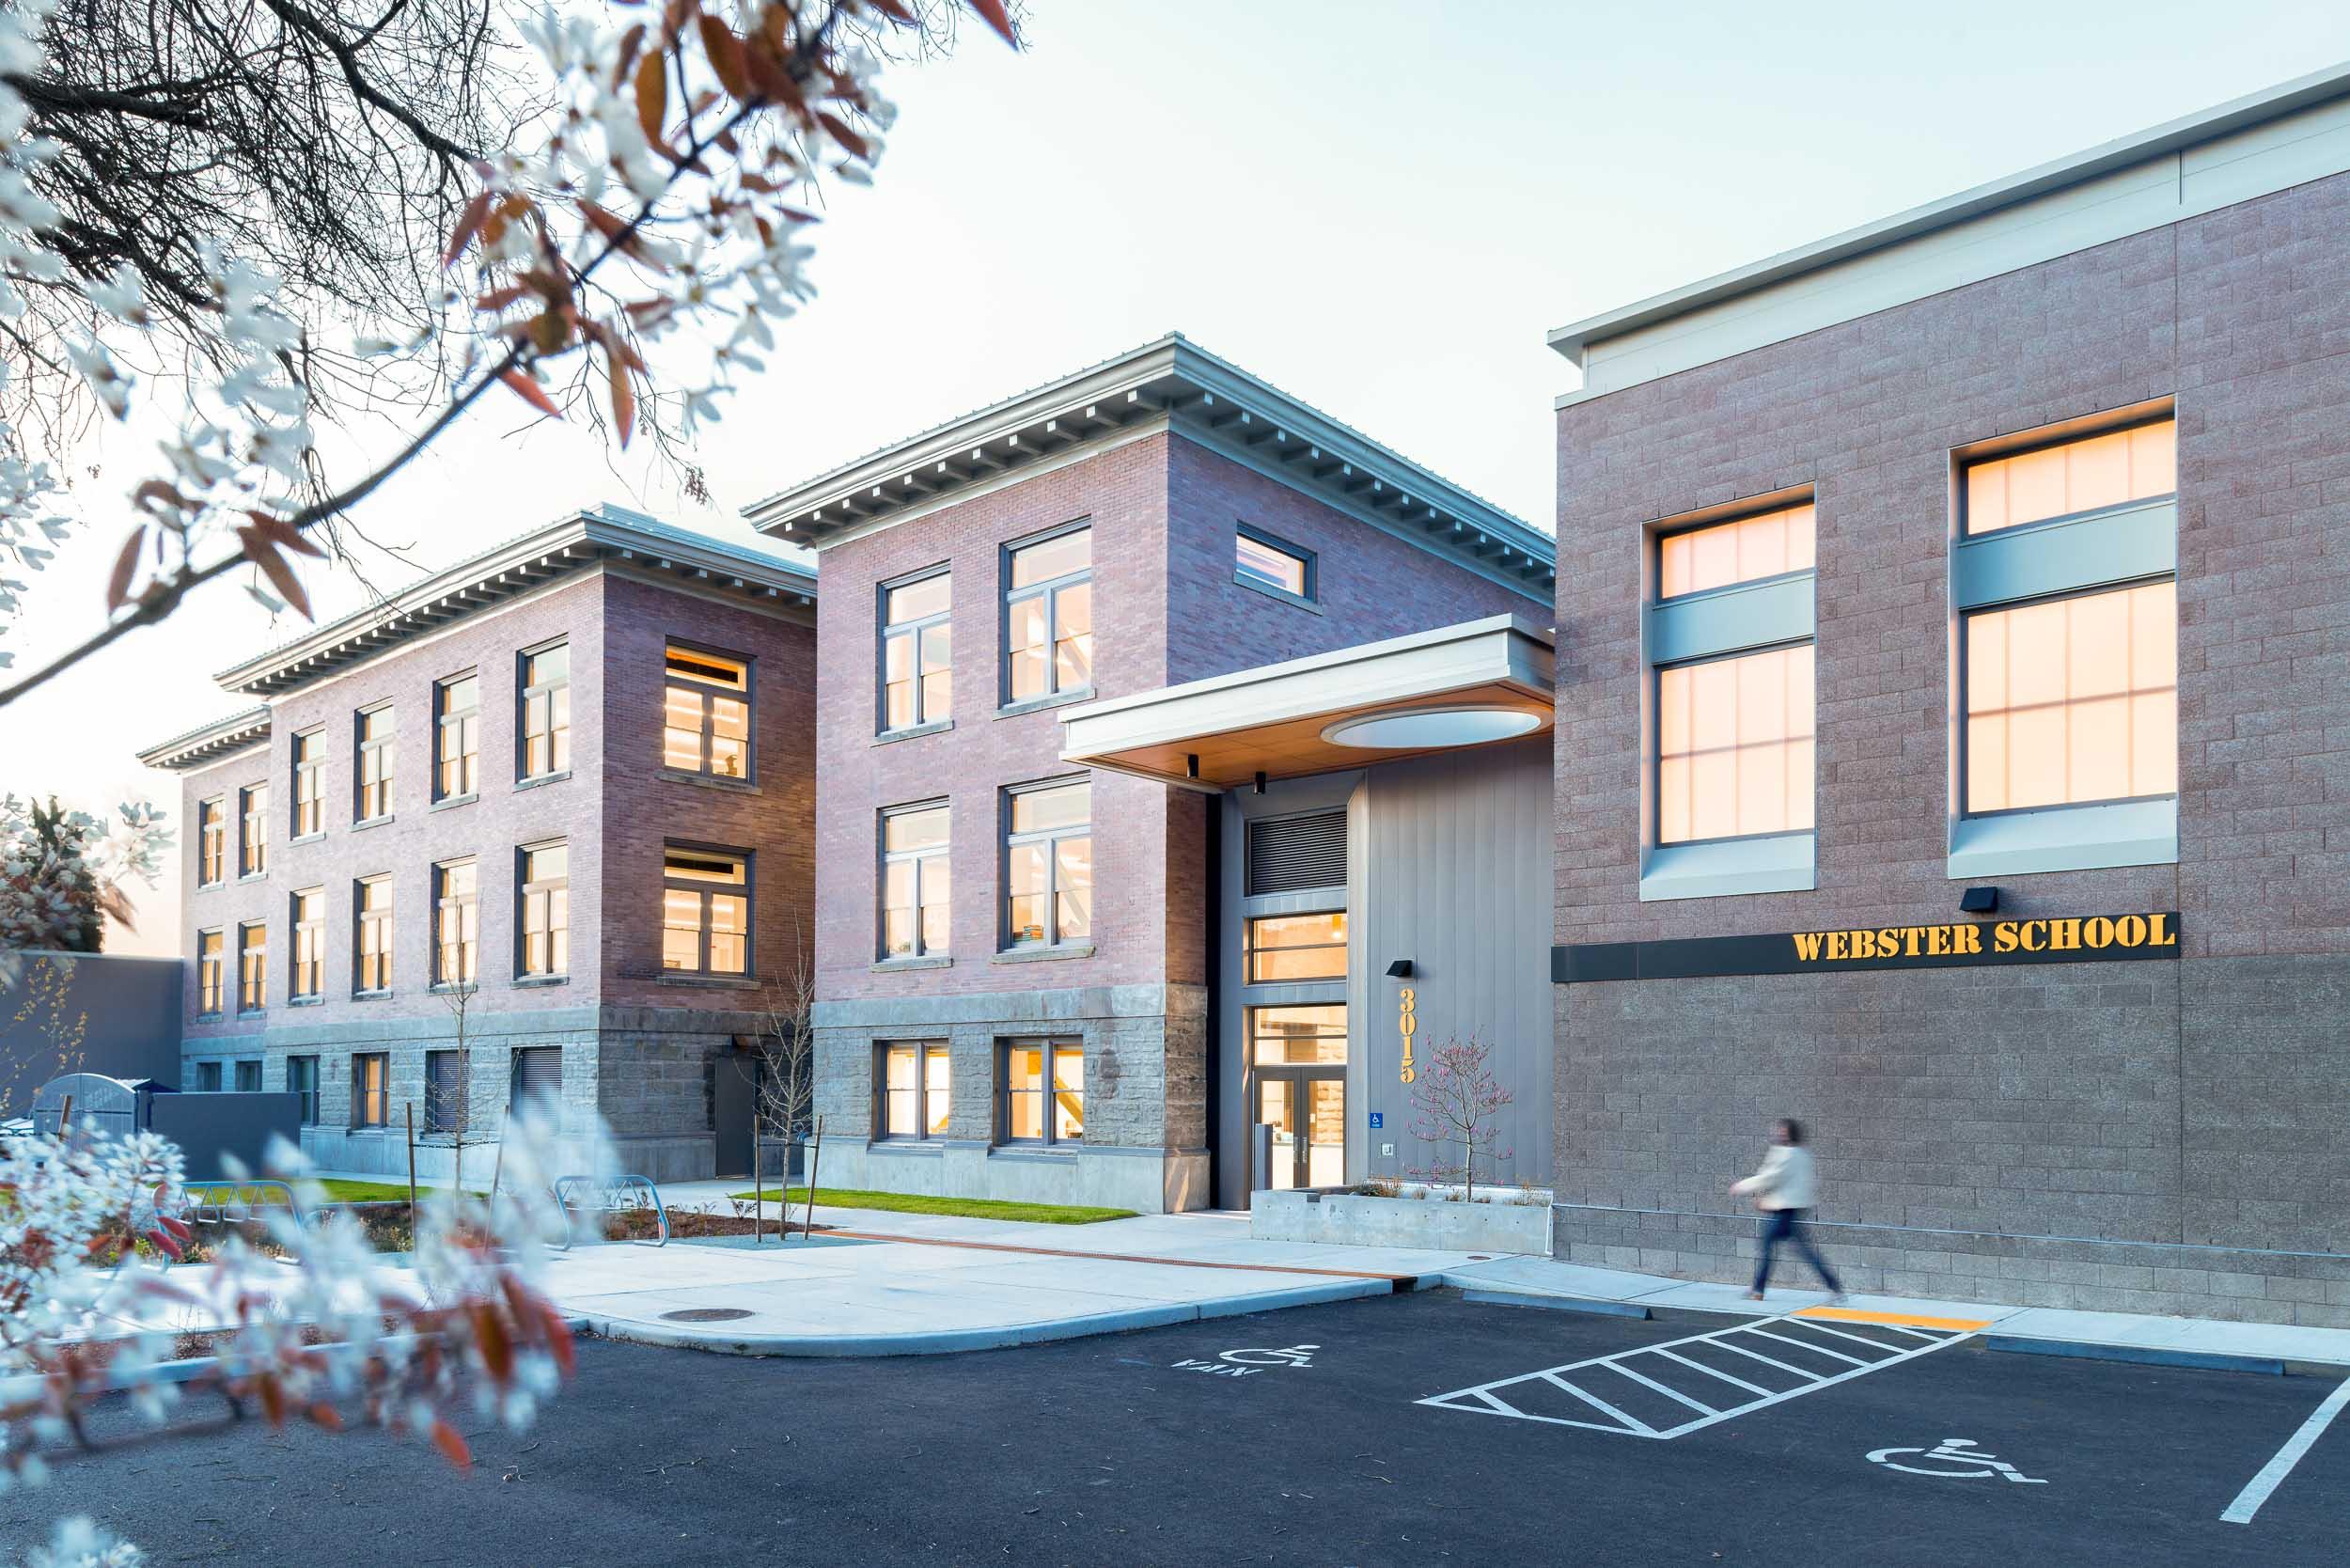 Historic Webster School 4